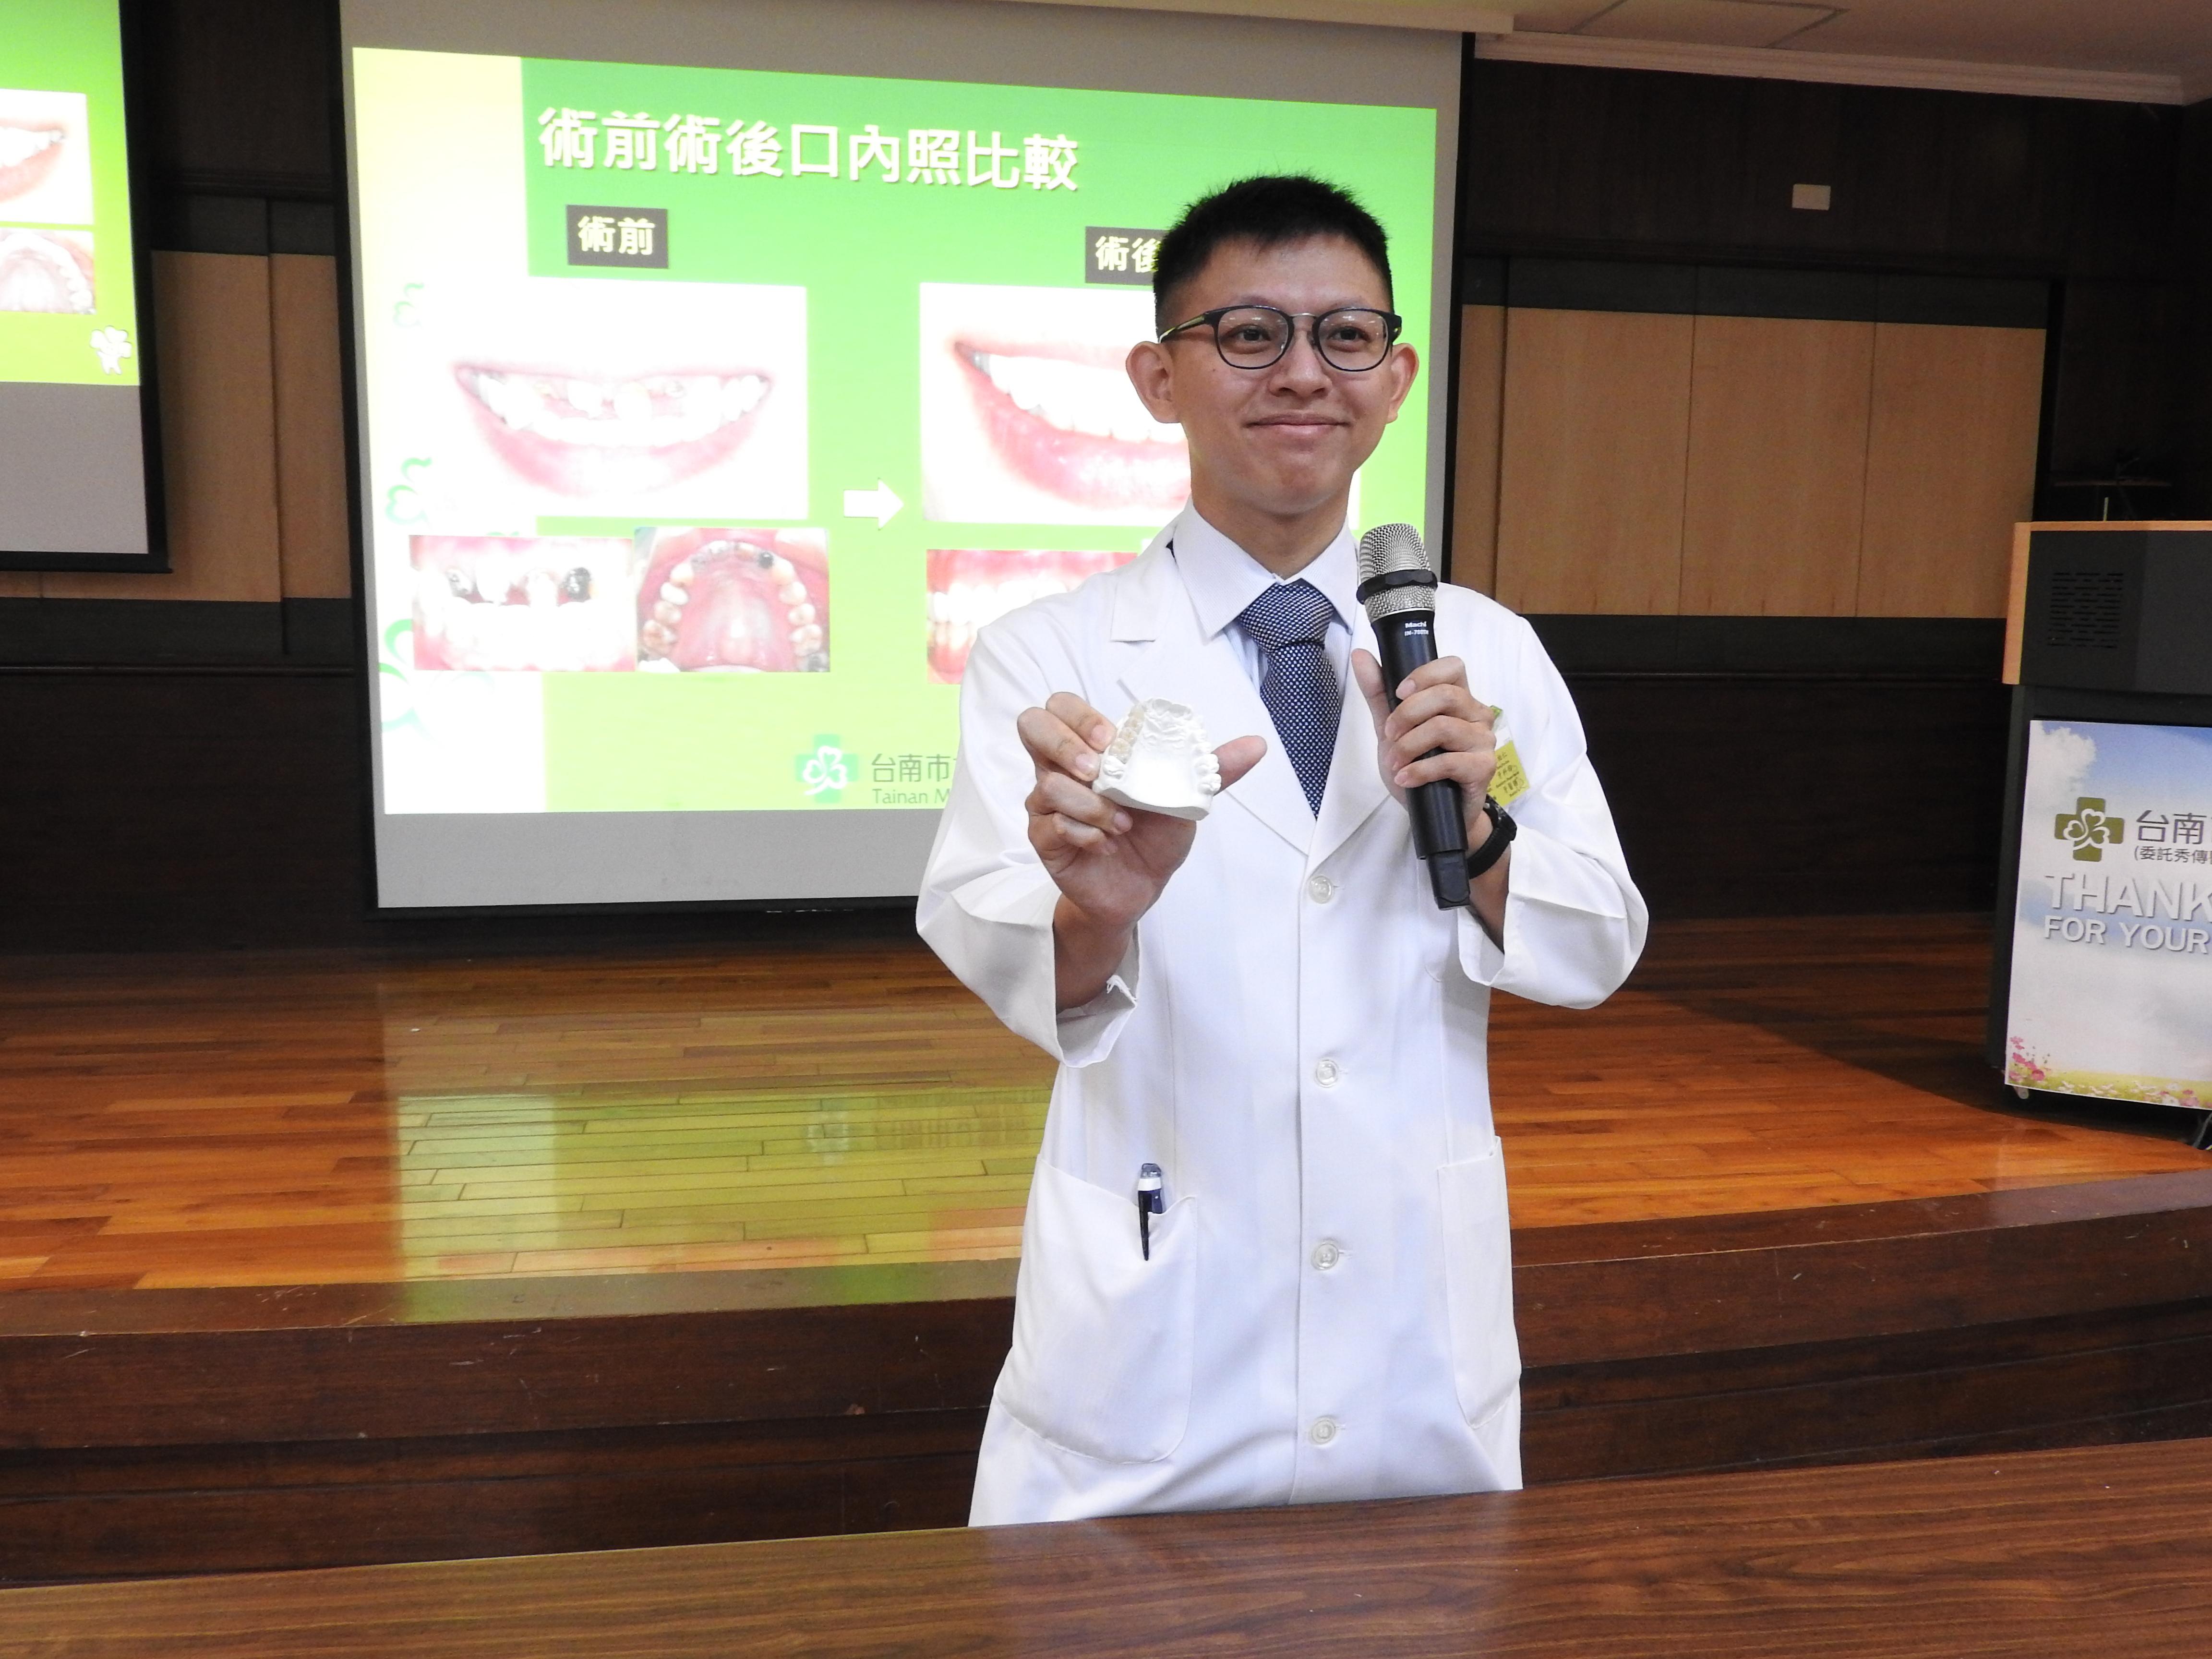 氧化鋯牙冠兼具美觀與硬度 假牙製作新選擇--台南市立醫院